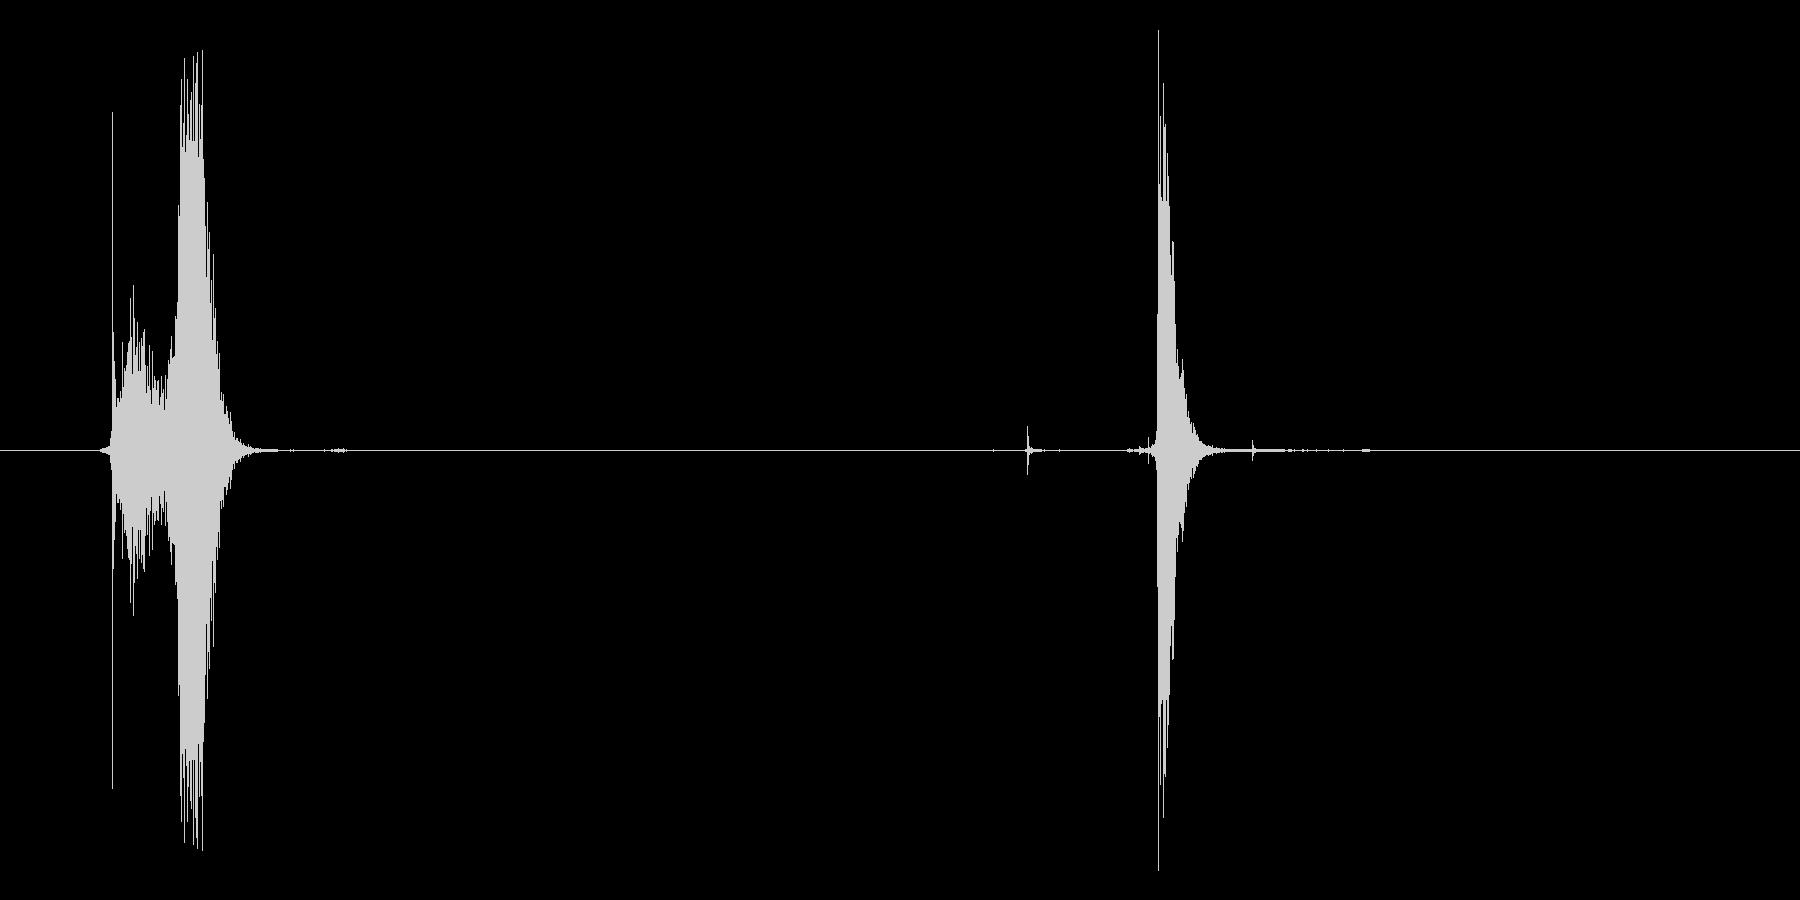 「シュッポン」(オロ○ミンC)の未再生の波形